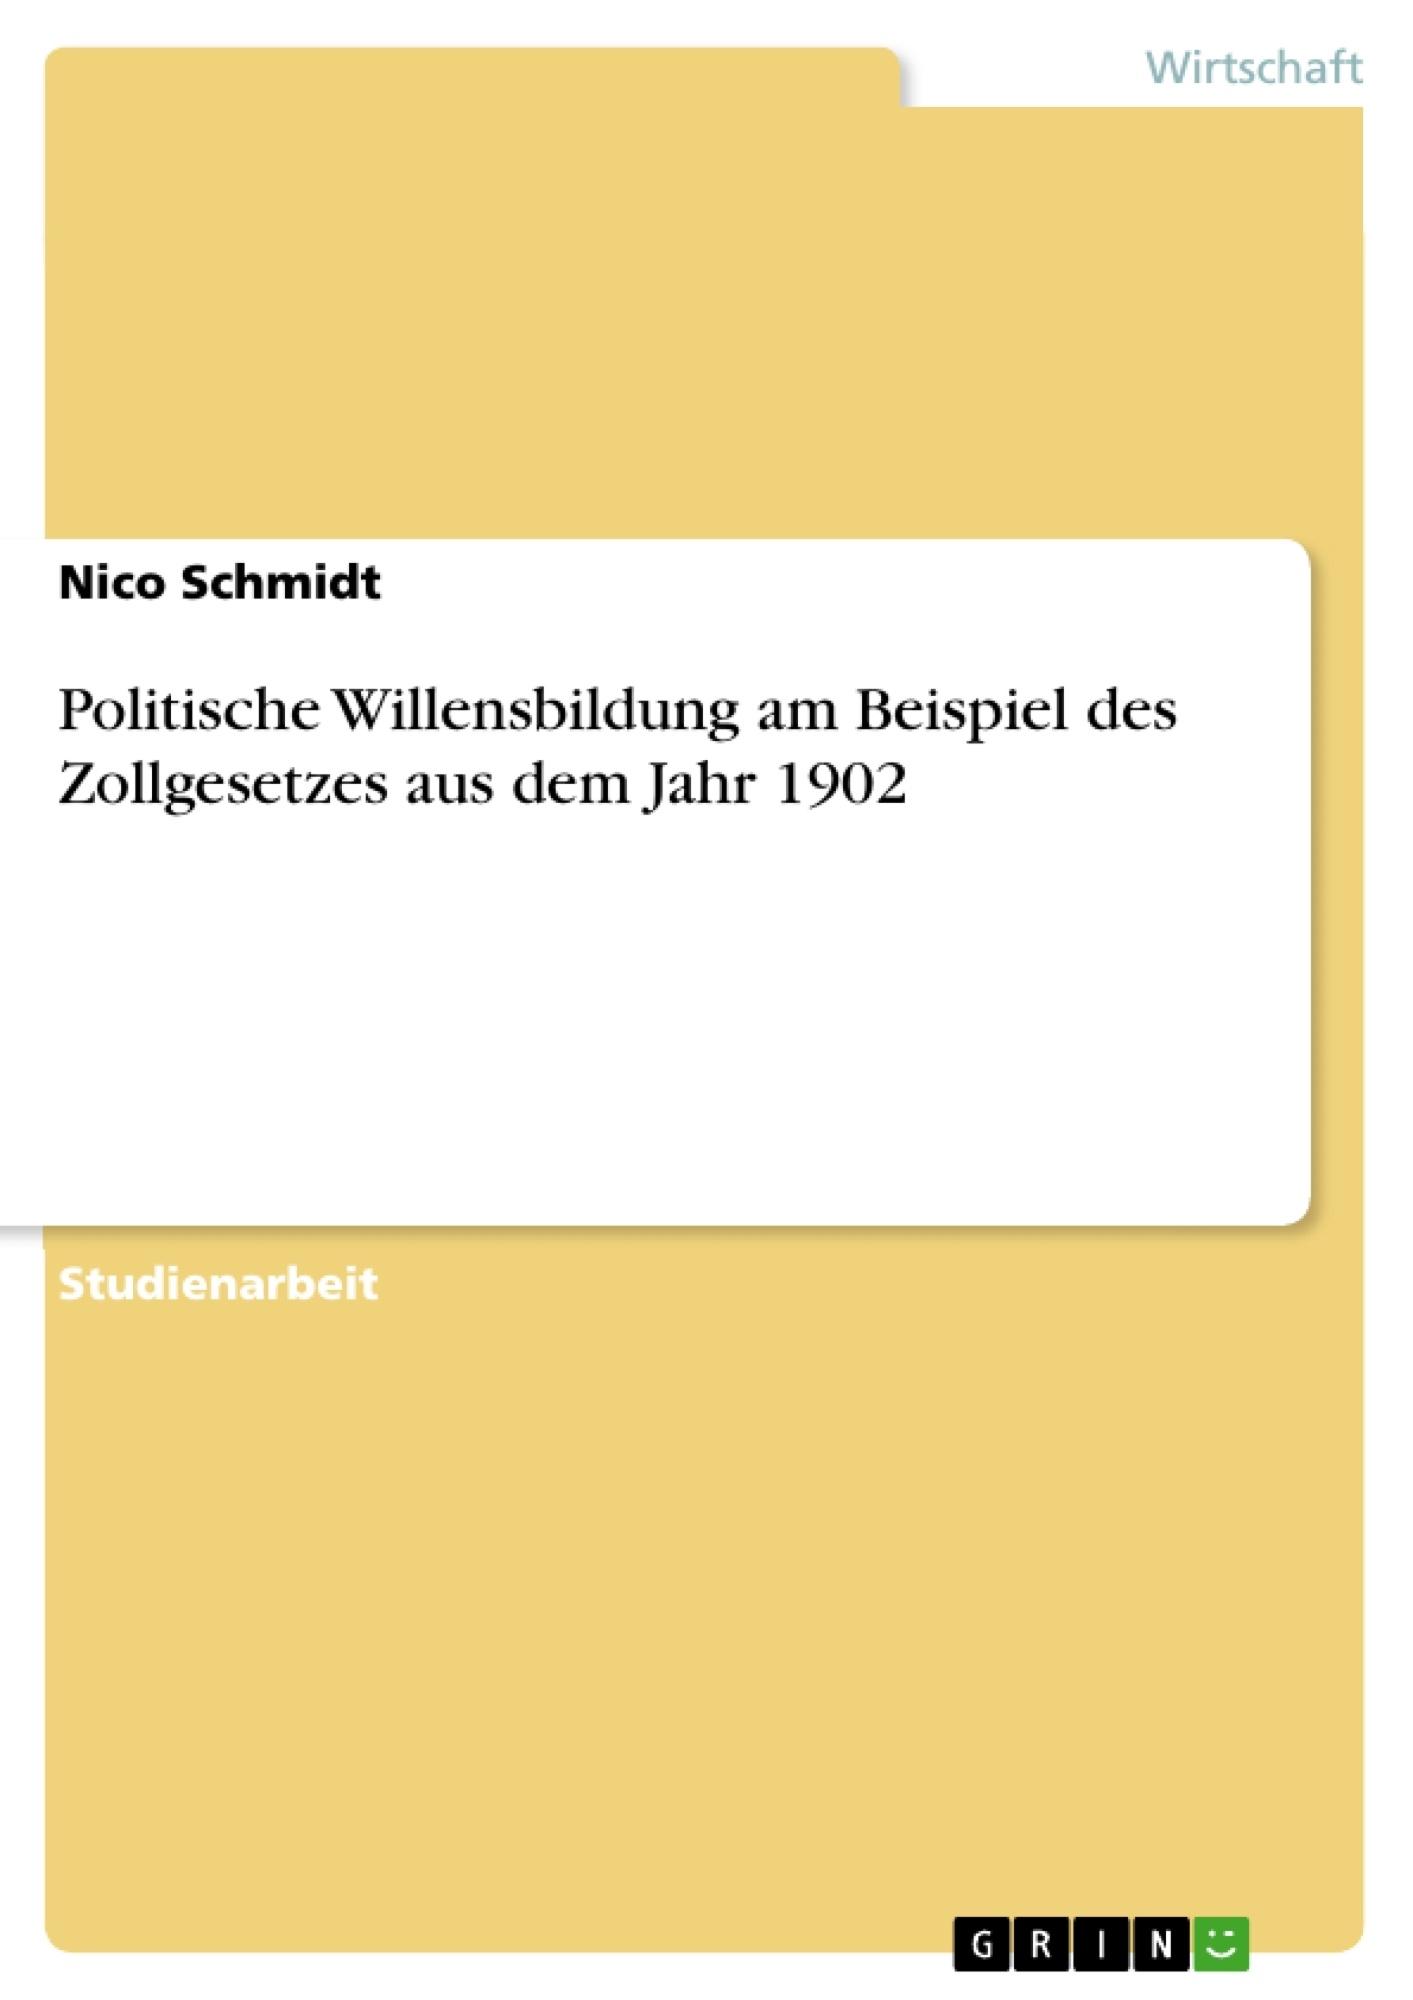 Titel: Politische Willensbildung am Beispiel des Zollgesetzes aus dem Jahr 1902